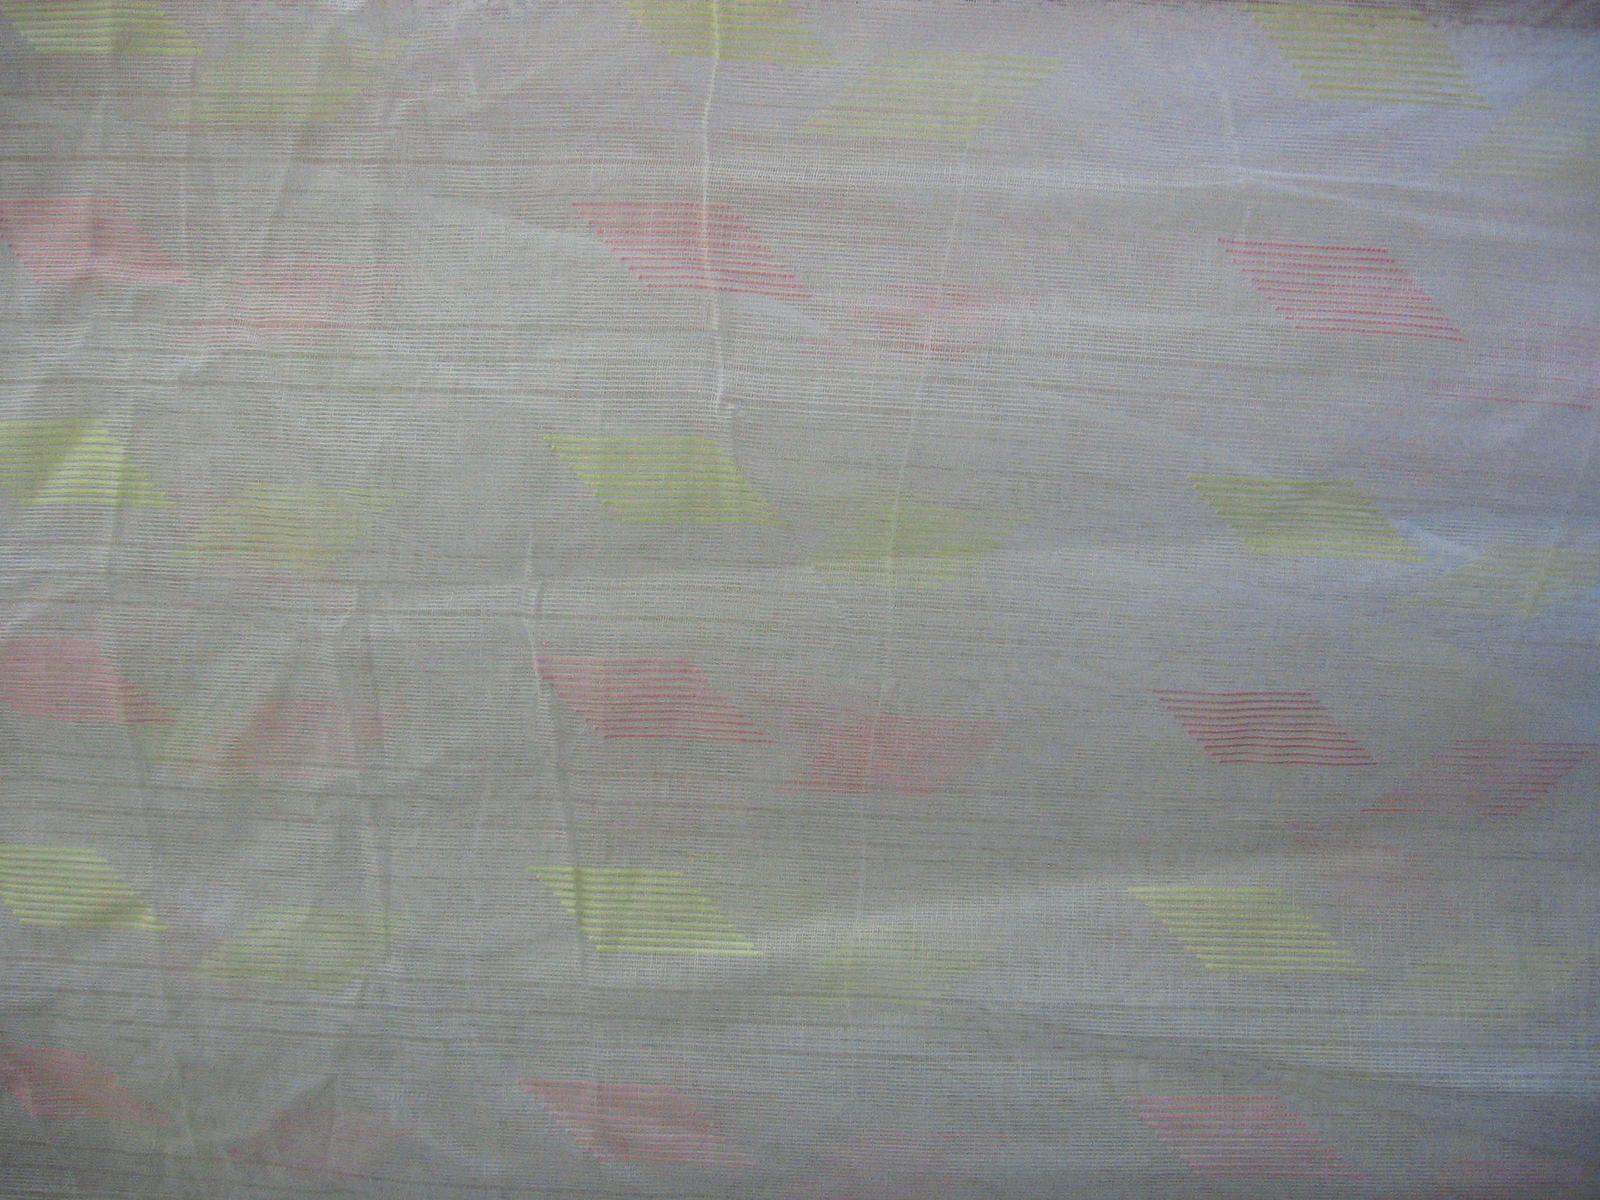 Záclona 10m, šírka1,45m - Obrázok č. 2